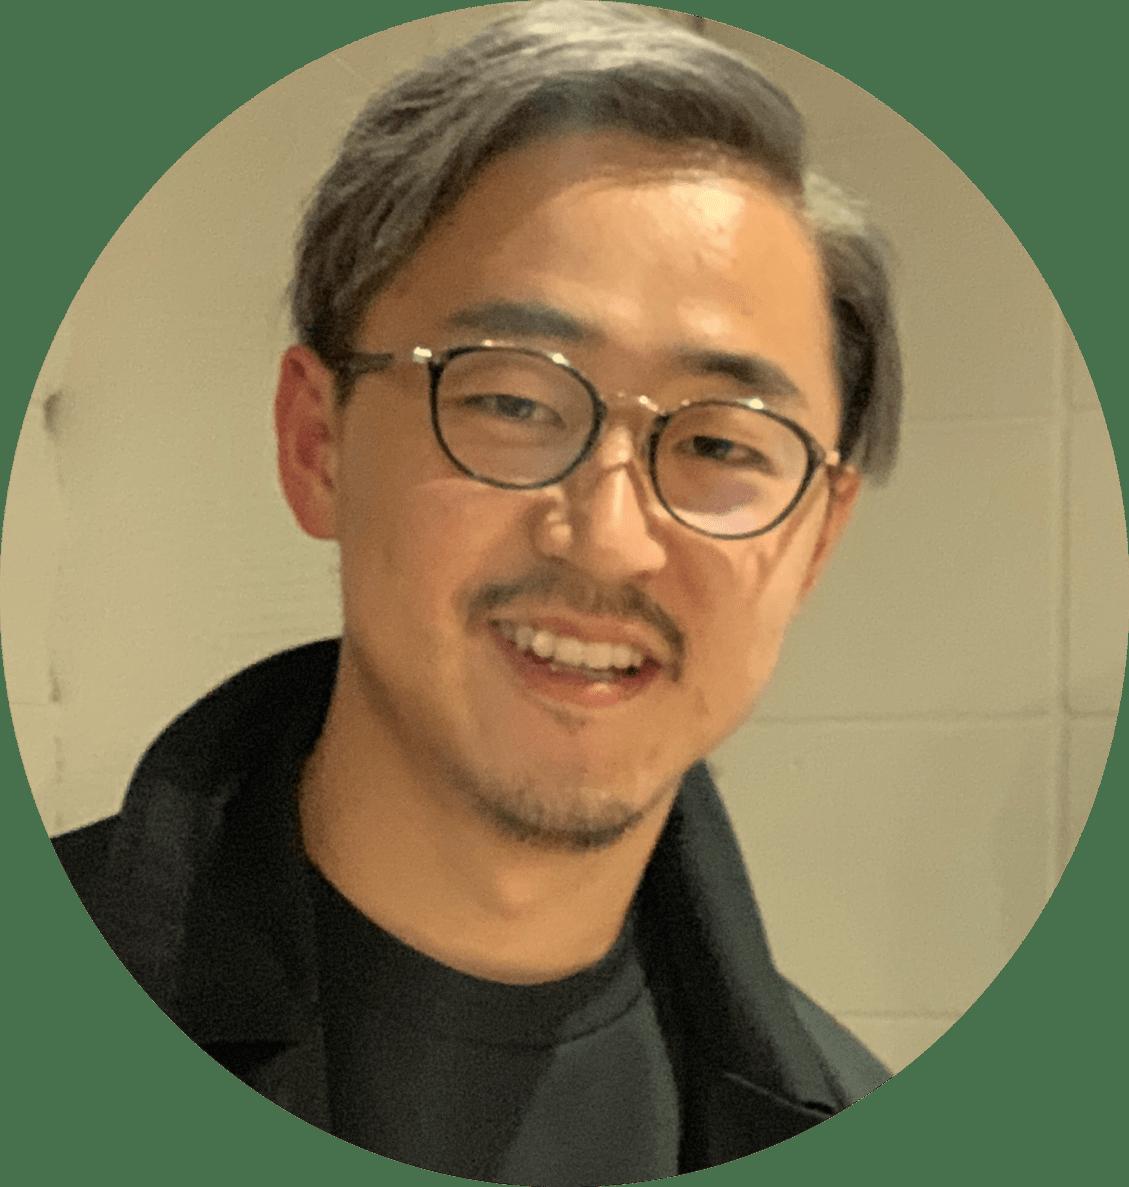 株式会社ニューピース 代表取締役 高木 新平氏